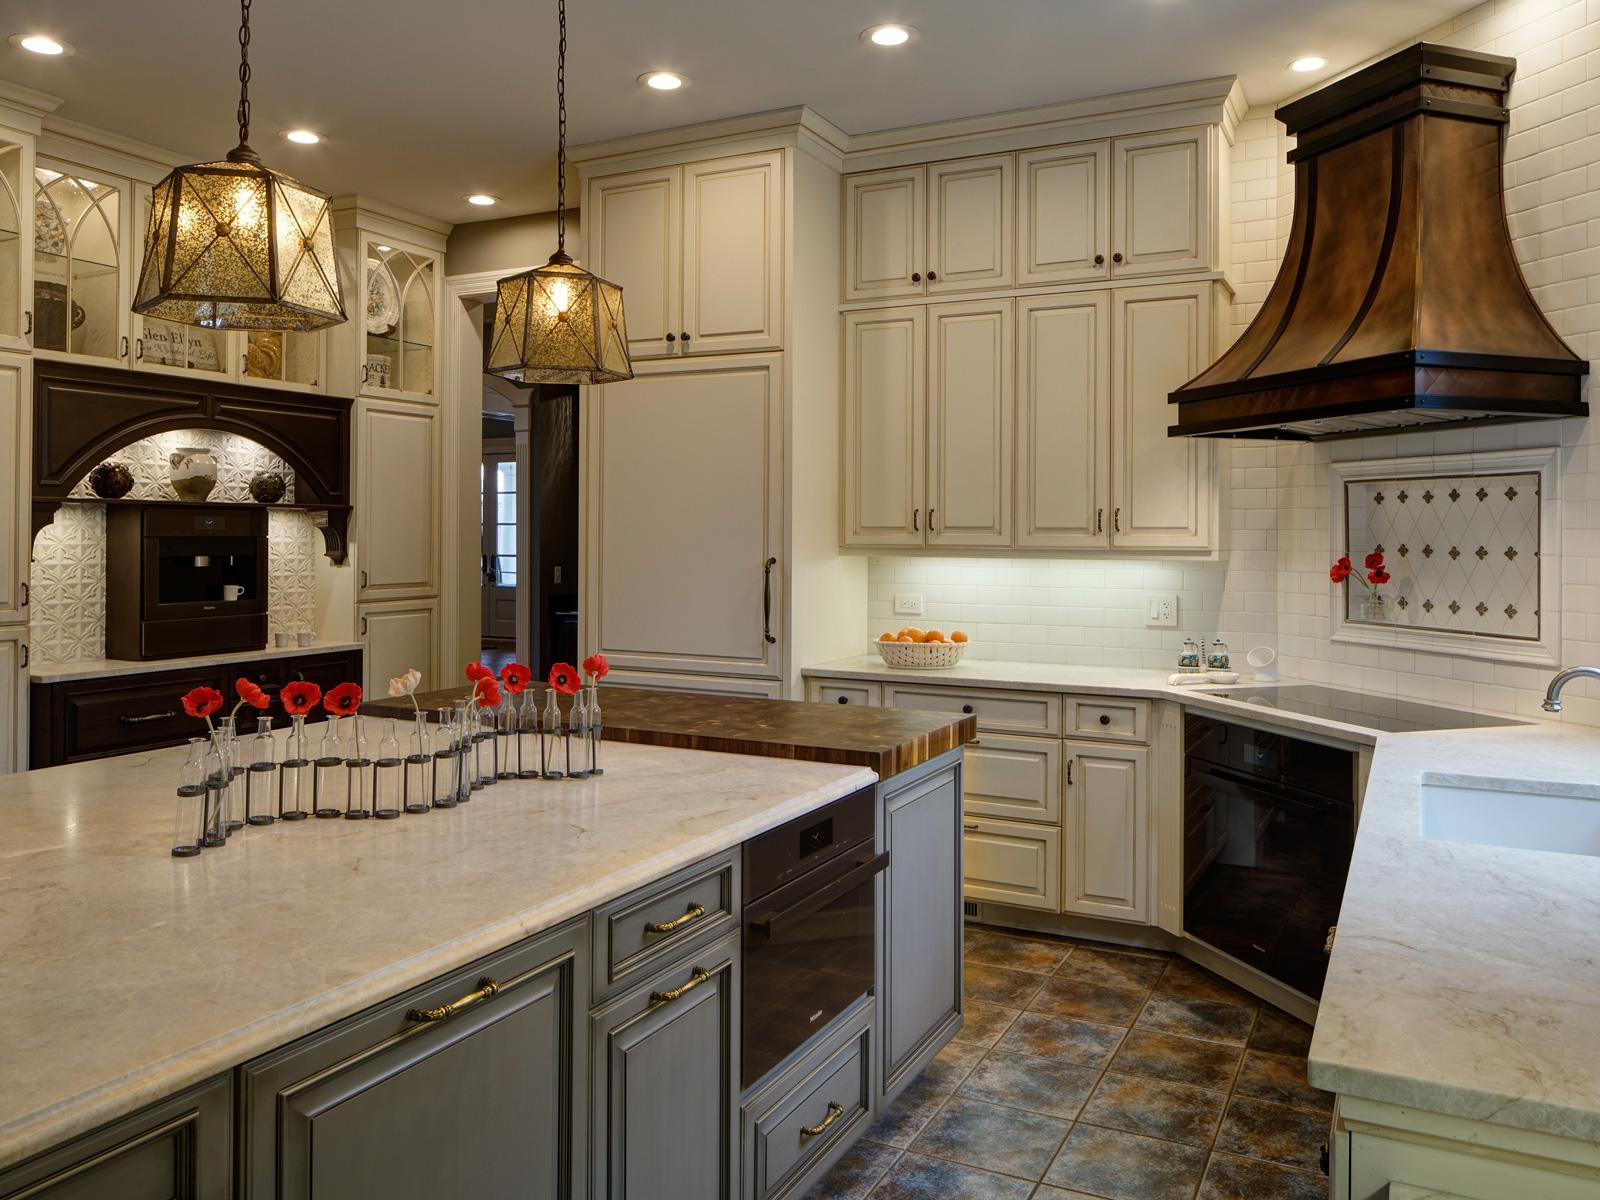 Bronzework-Studio-Drury-Design-Tradtional-Kitchen-1-1600x1200-d